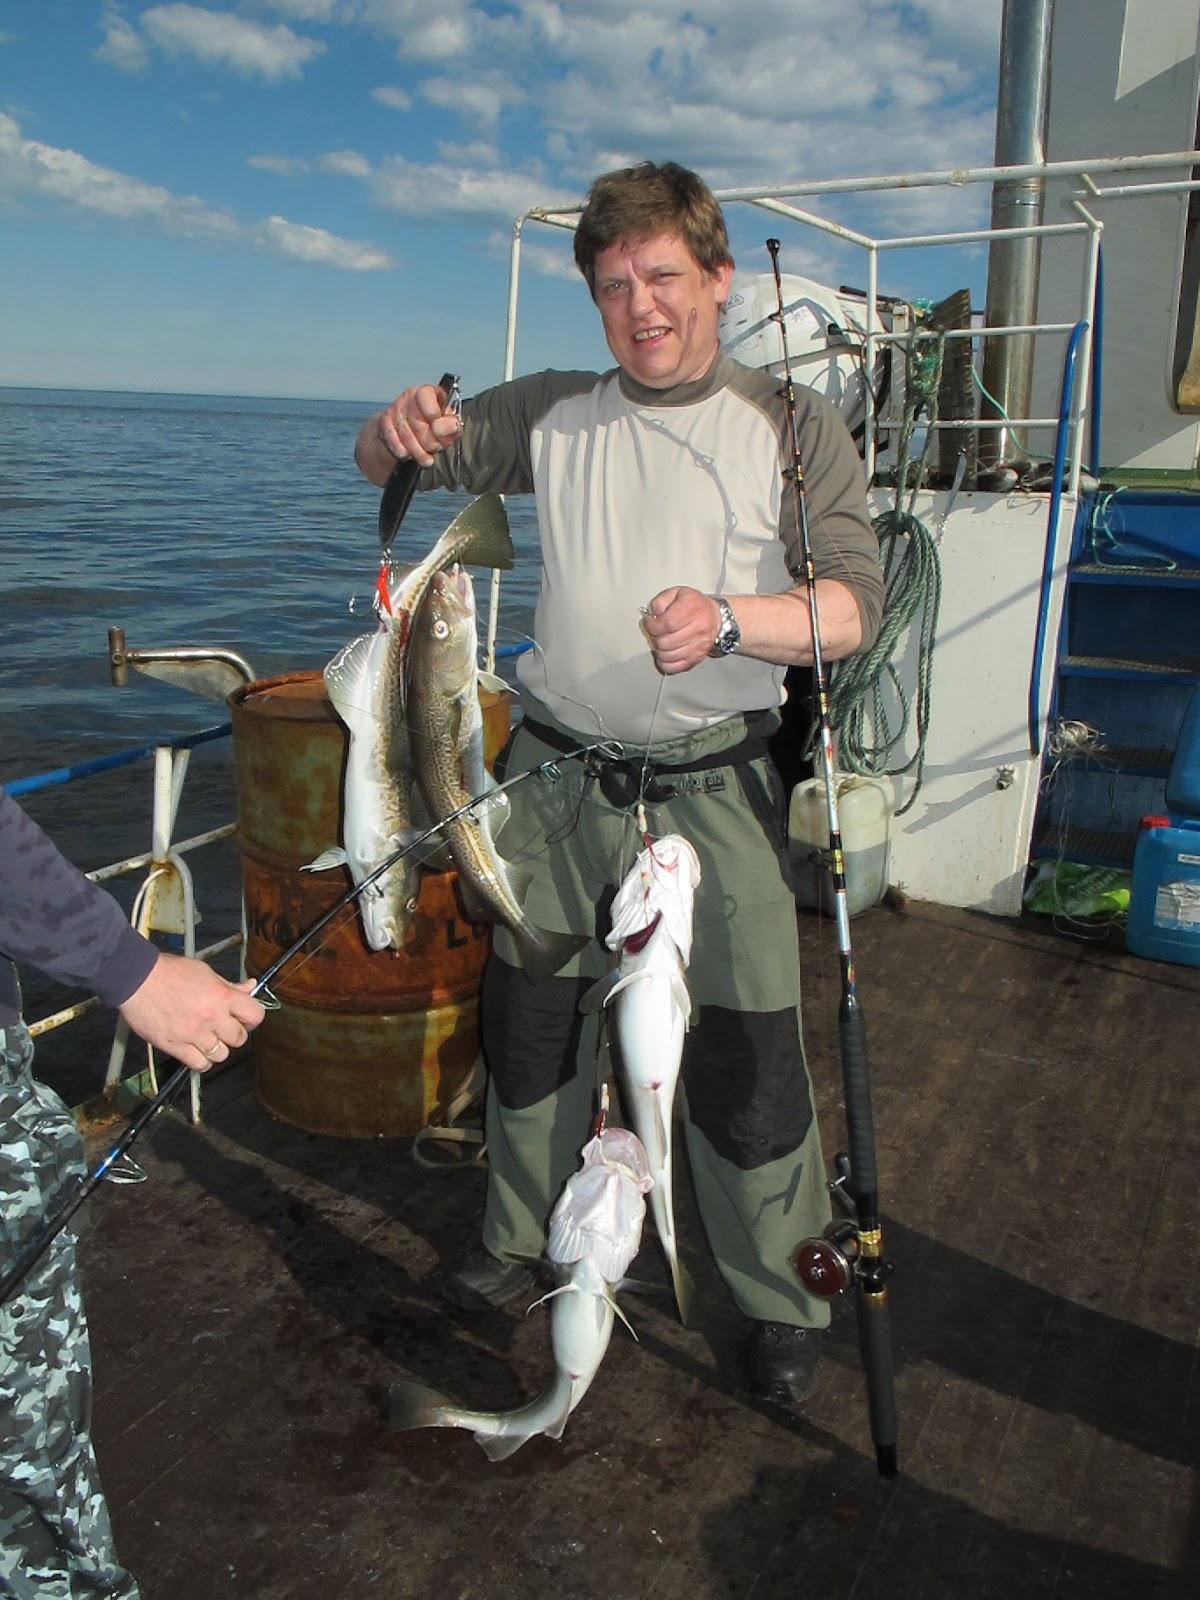 любительская рыбалка на море